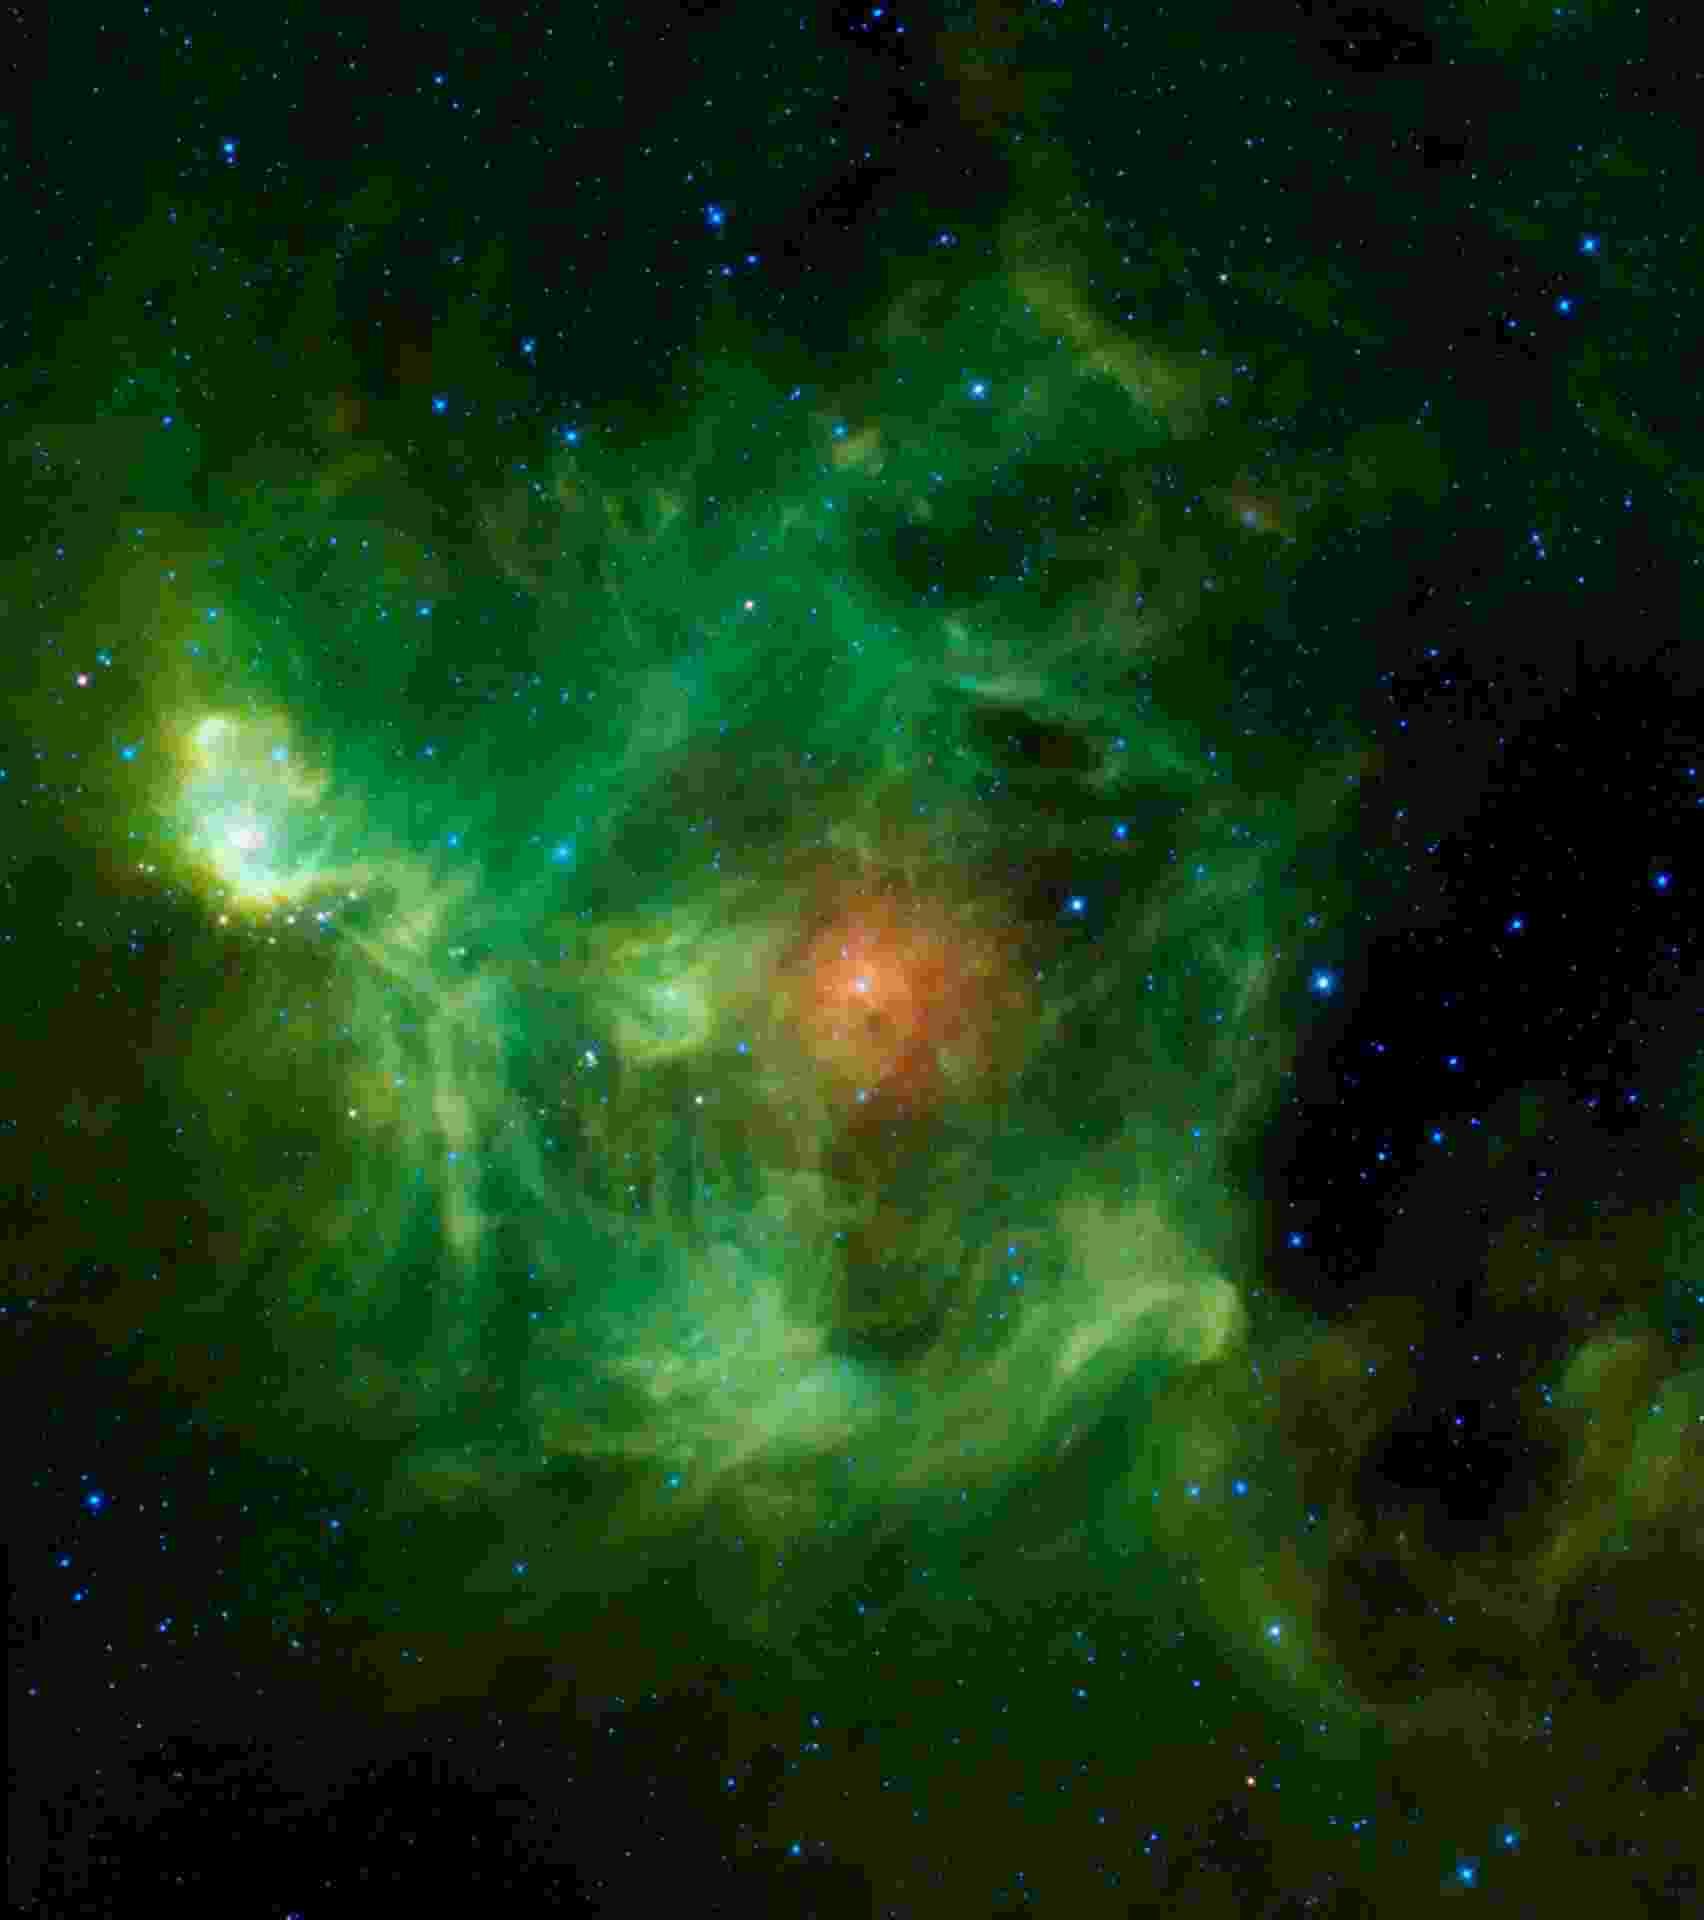 25.dez.2013 -Em homenagem ao Natal, a Nasa (Agência Espacial Norte-Americana) postou imagem da nebulosa Barnard 3, ou IRAS Ring G159.6-18.5, mas que bem podia se chamar Nebulosa Guirlanda por suas nuvens de poeira que aparecem em verde e vermelho, nesta imagem em infravermelho da missão Wise. Ela é formada por um anel verde brilhante de poeira quente com um círculo vermelho no centro, provavelmente metálico e mais frio neste berçário de estrelas - Nasa/JPL-Caltech/UCLA